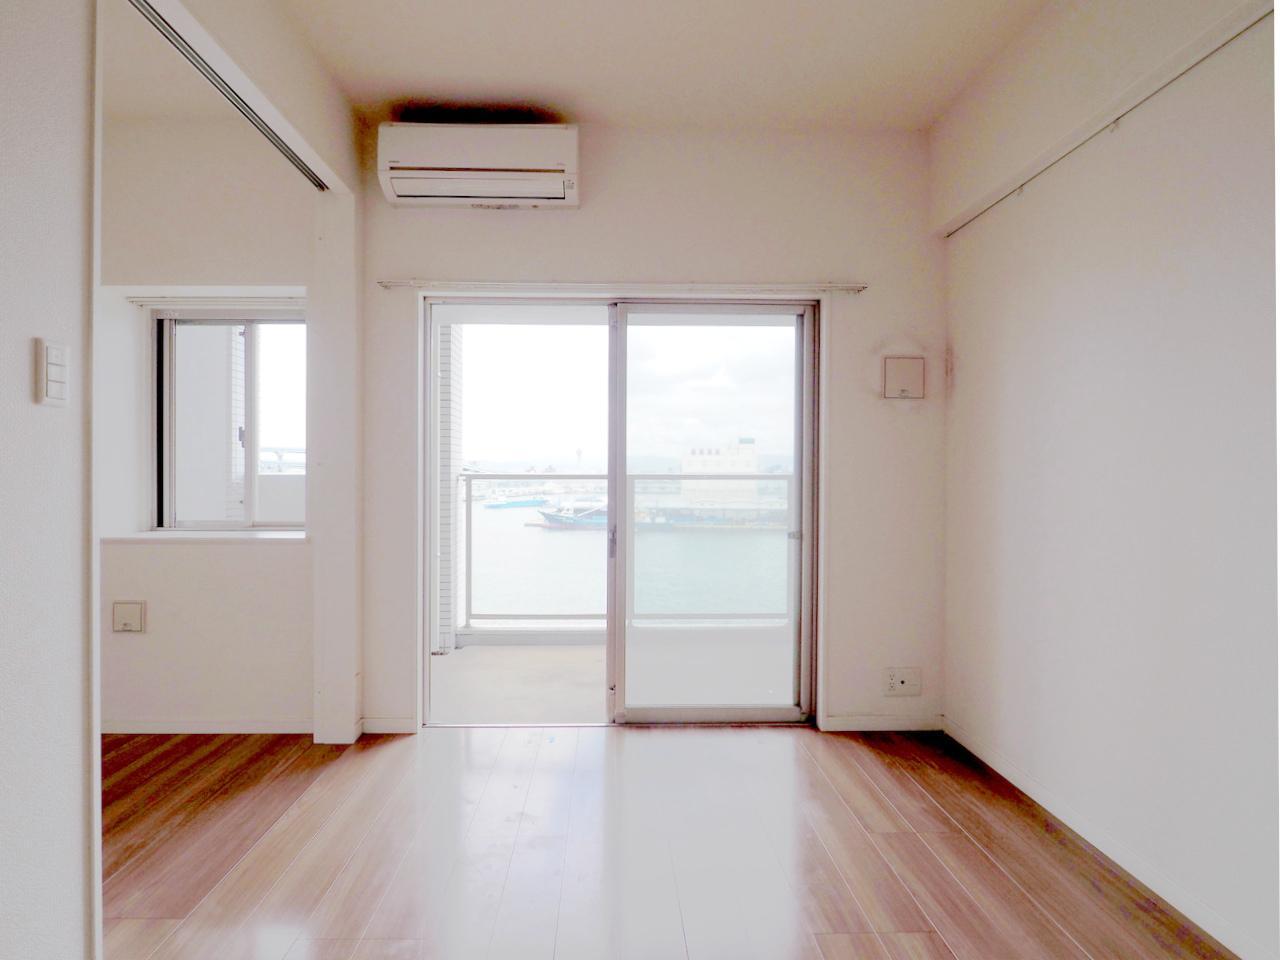 窓から望む博多湾。